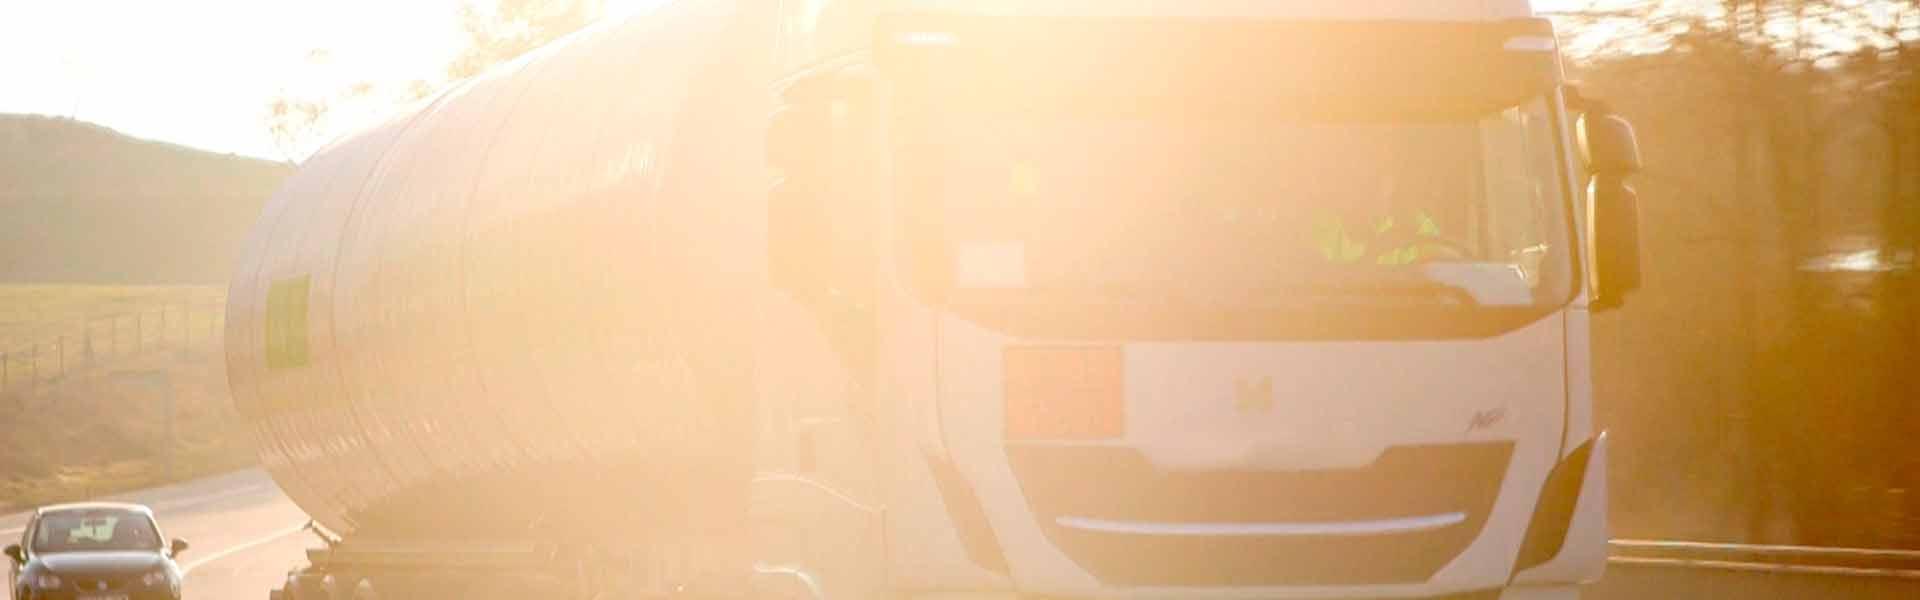 LNG France propose à ses clients une multitude de services et de produits liés au gaz naturel liquéfié (GNL) et au gaz naturel véhiculé (GNV)